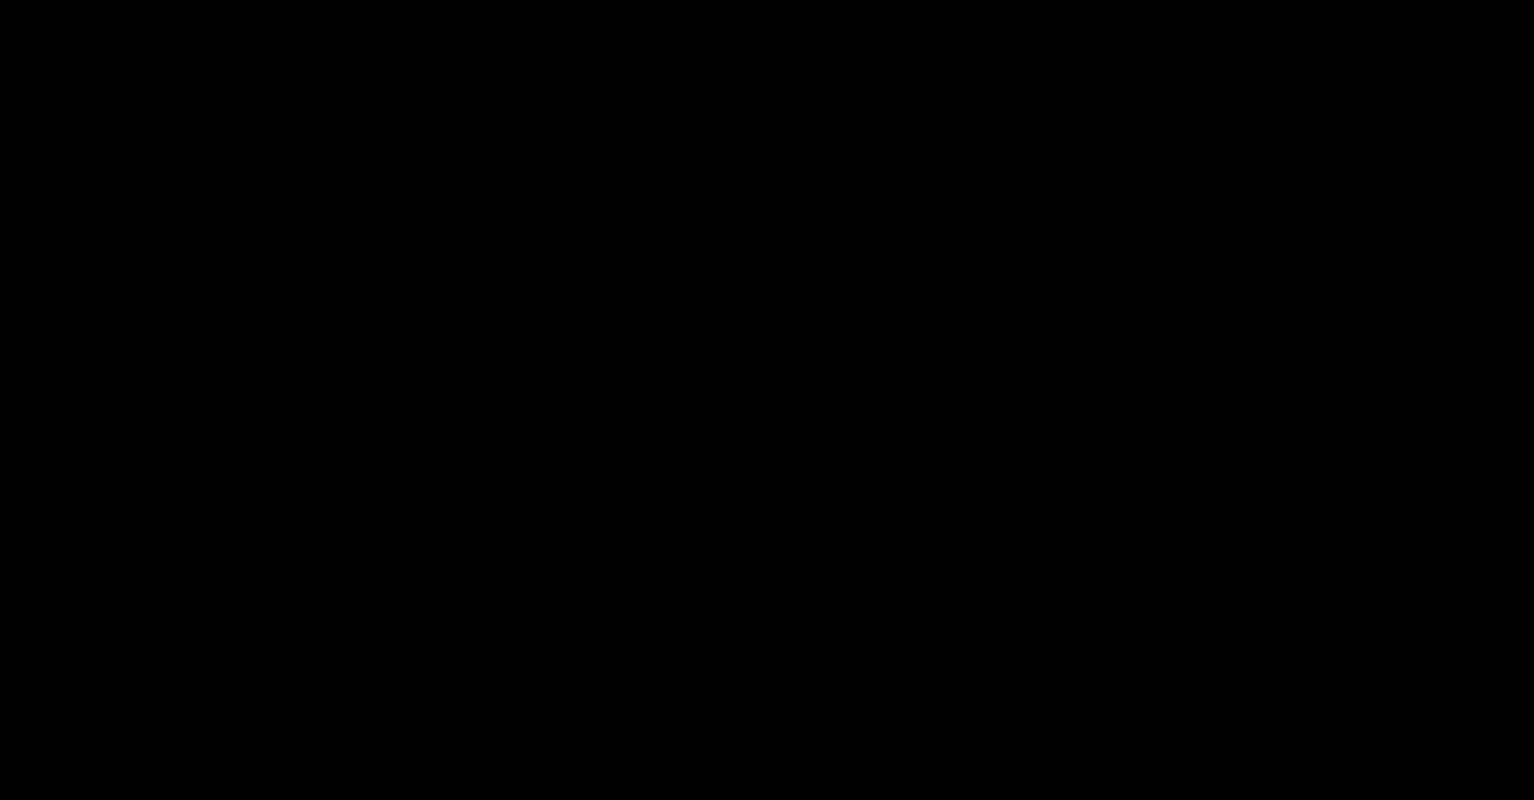 O6-[3-(Trifluoroacetamidomethyl-d<sub>2</sub>)benzyl-d<sub>2</sub>]guanine